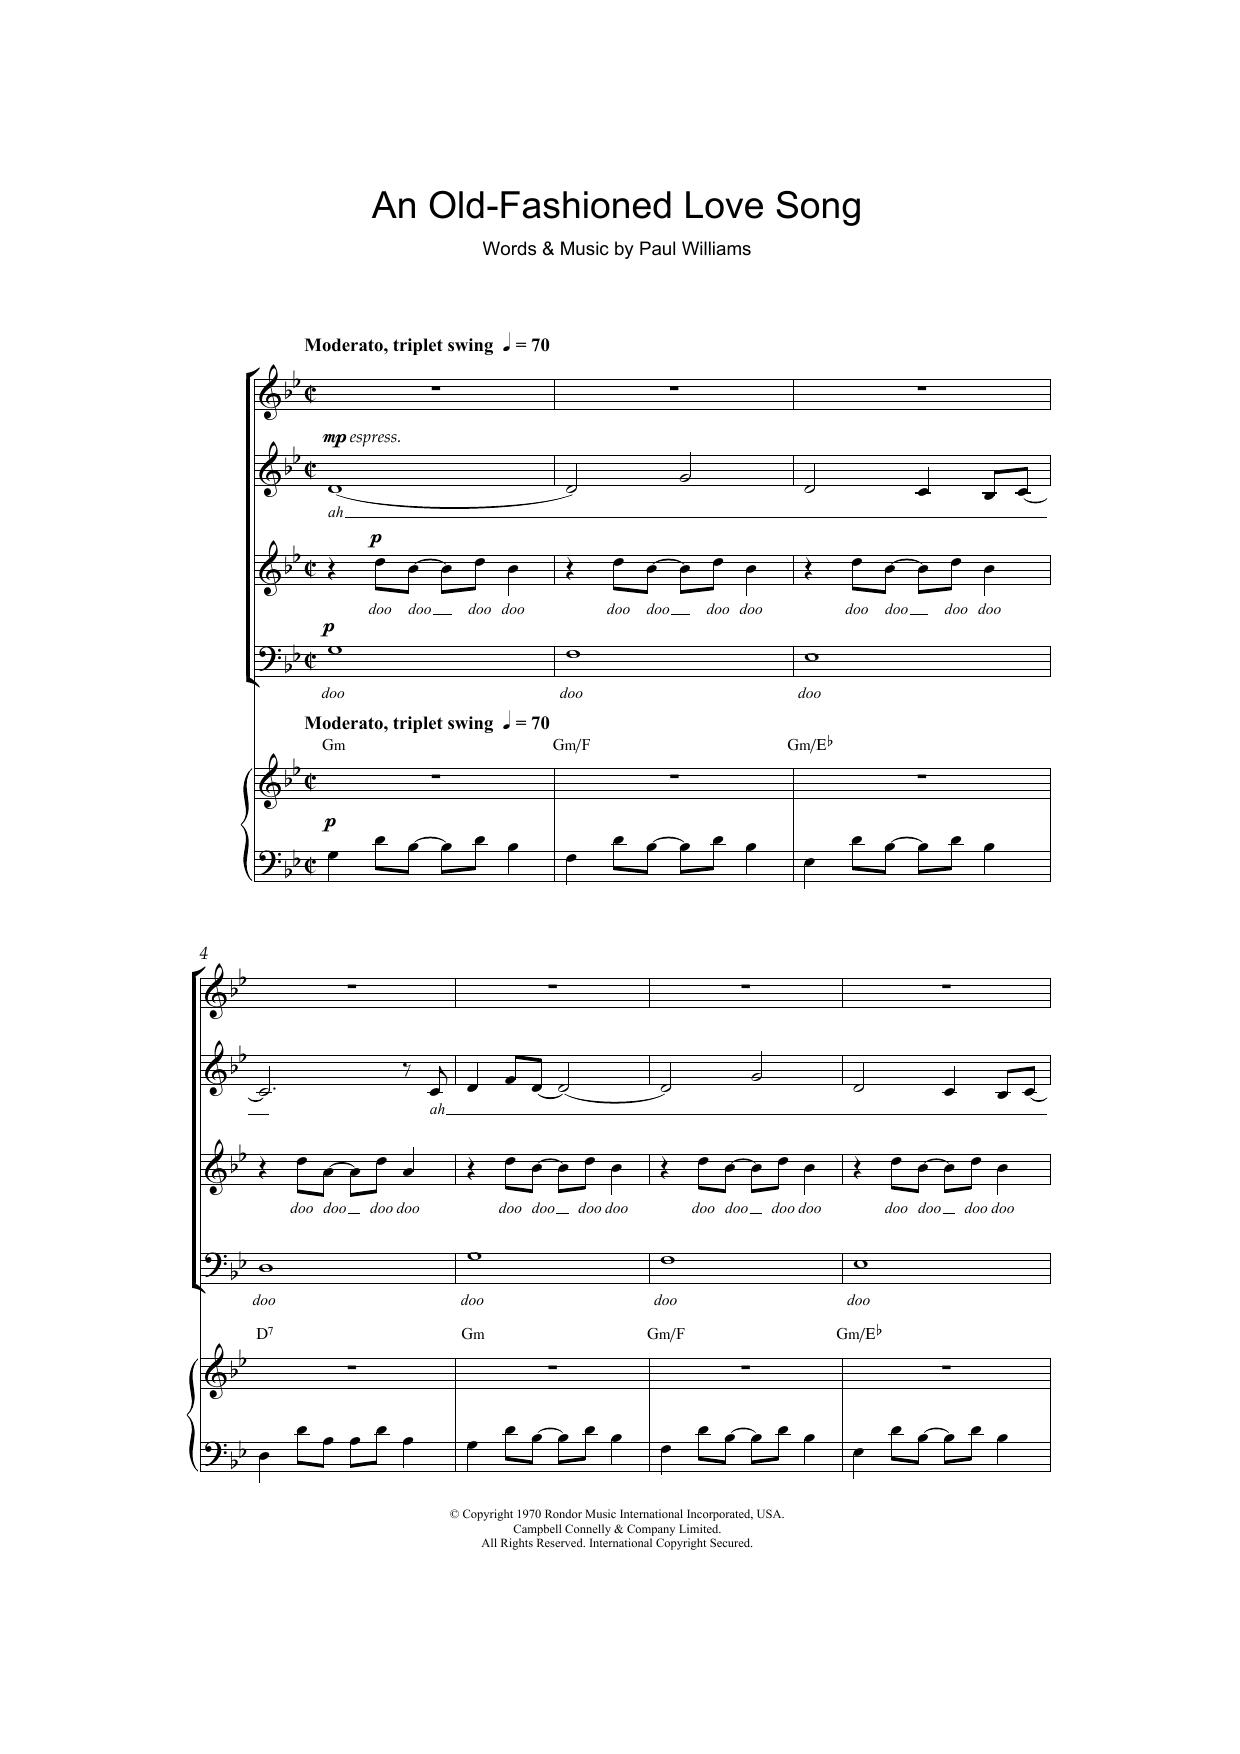 Sheet Music Digital Files To Print Licensed Paul Williams Digital